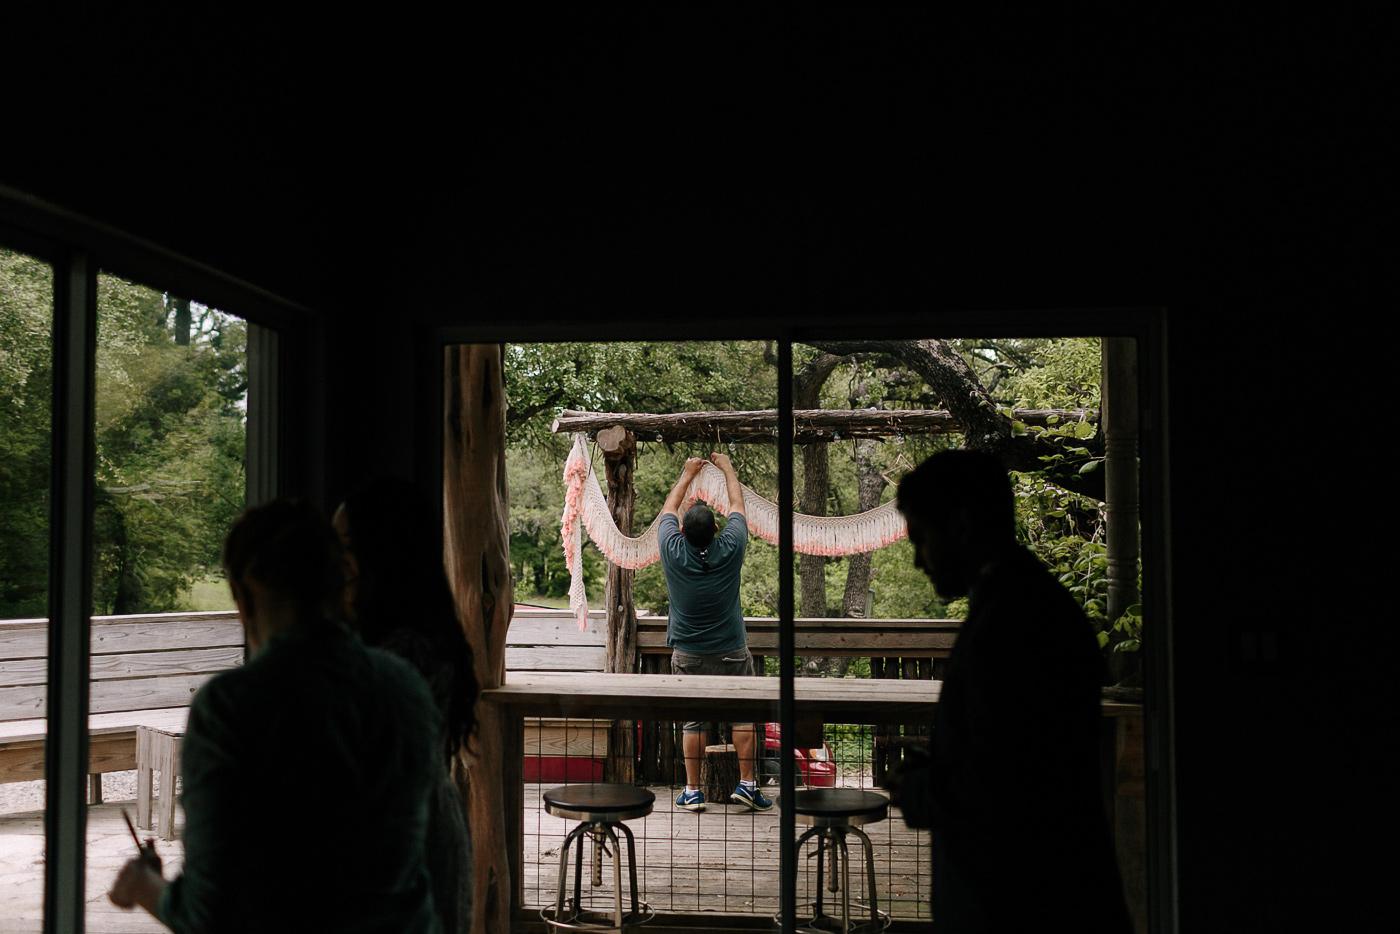 296-wimberley-texas-intimate-backyard-wedding.jpg